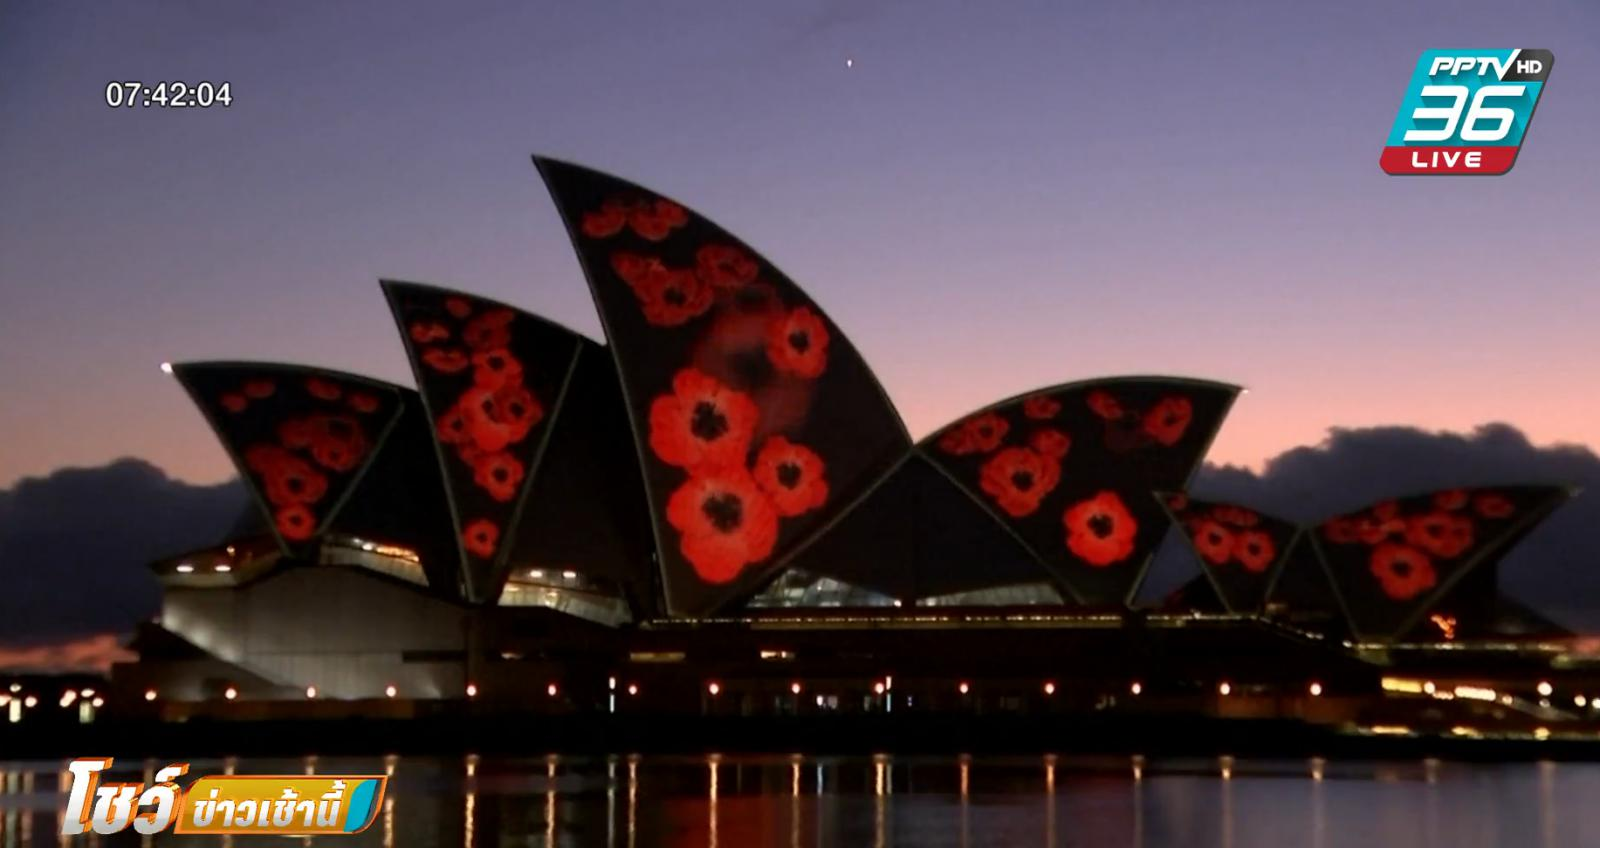 ออสเตรเลียเปิดไฟประดับวันรำลึกวีรชนในสงคราม